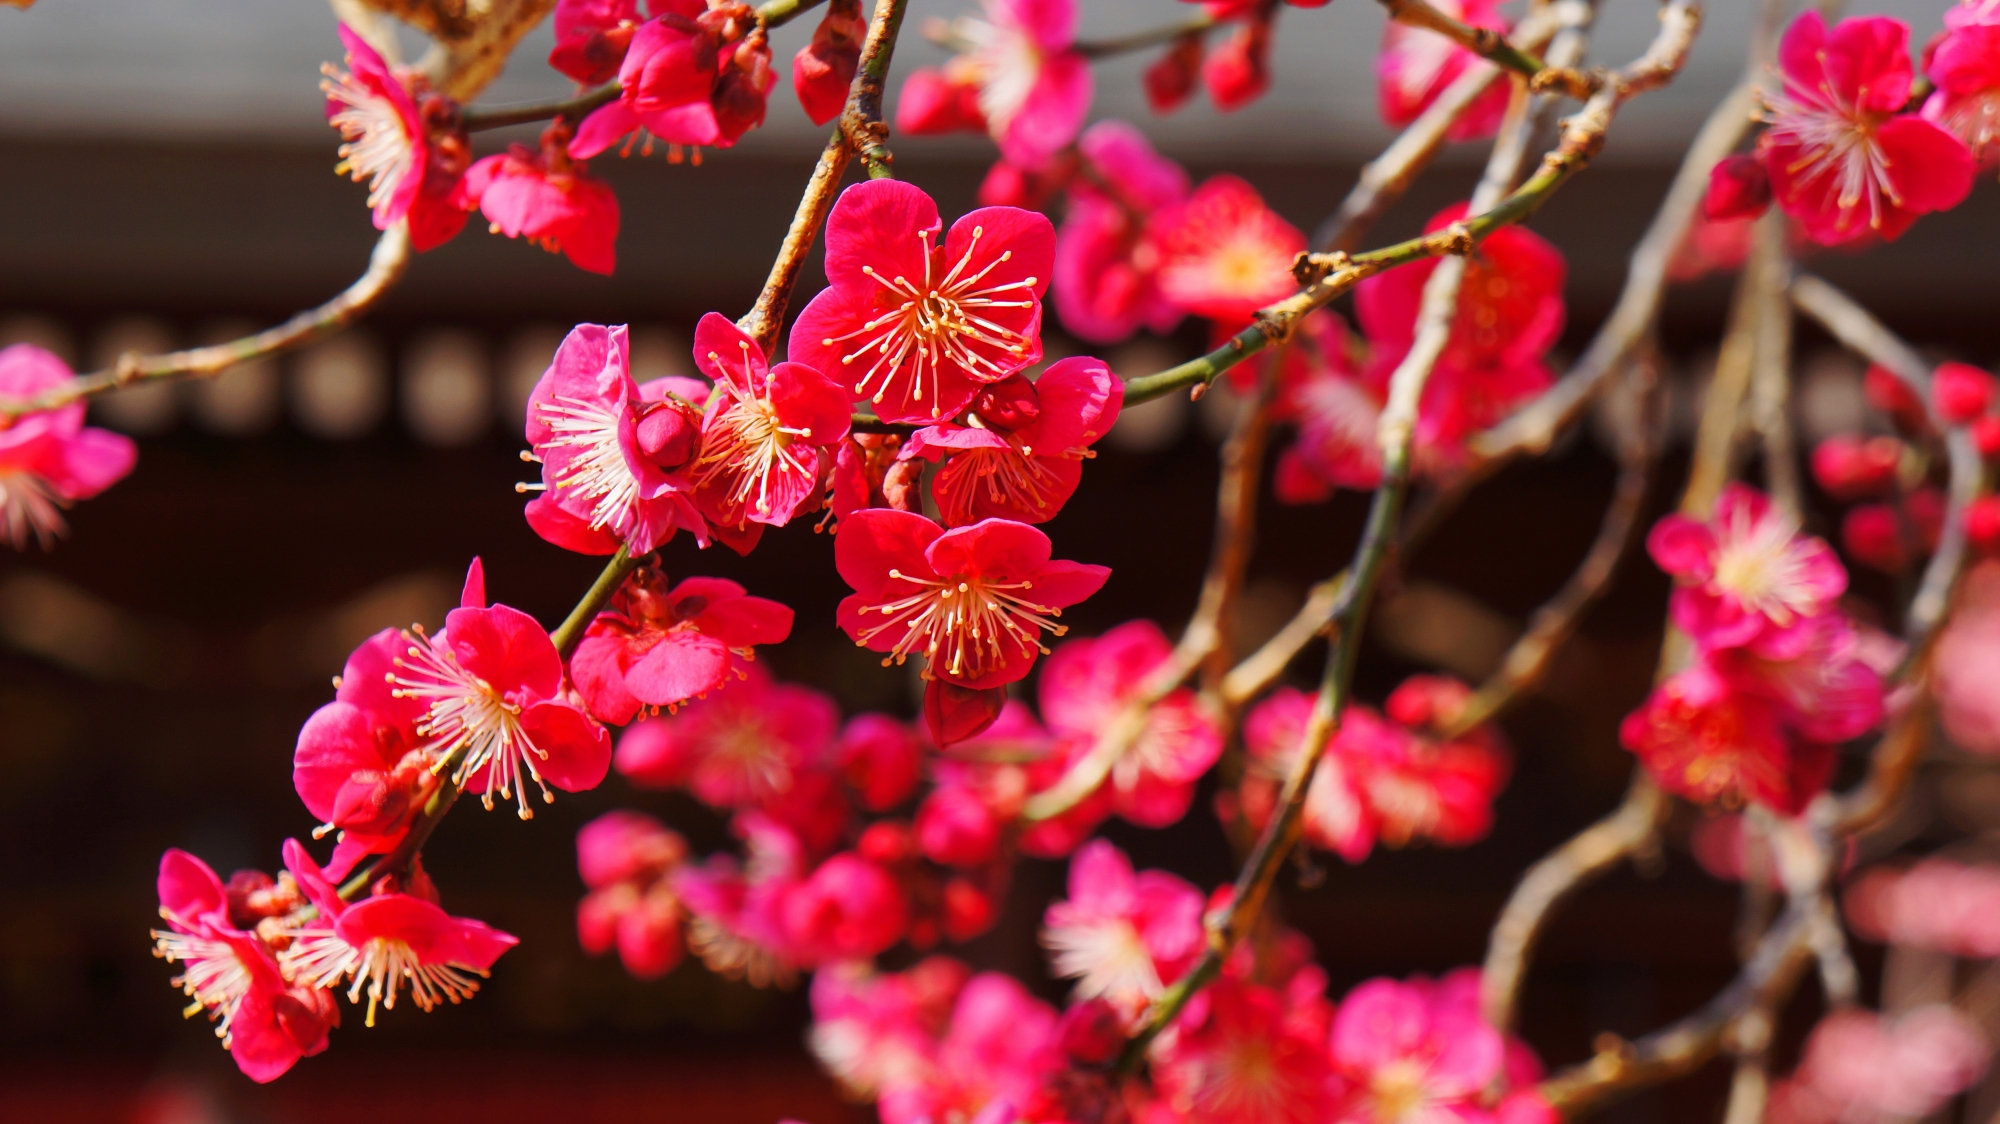 ビビッドな濃いピンクの梅の花